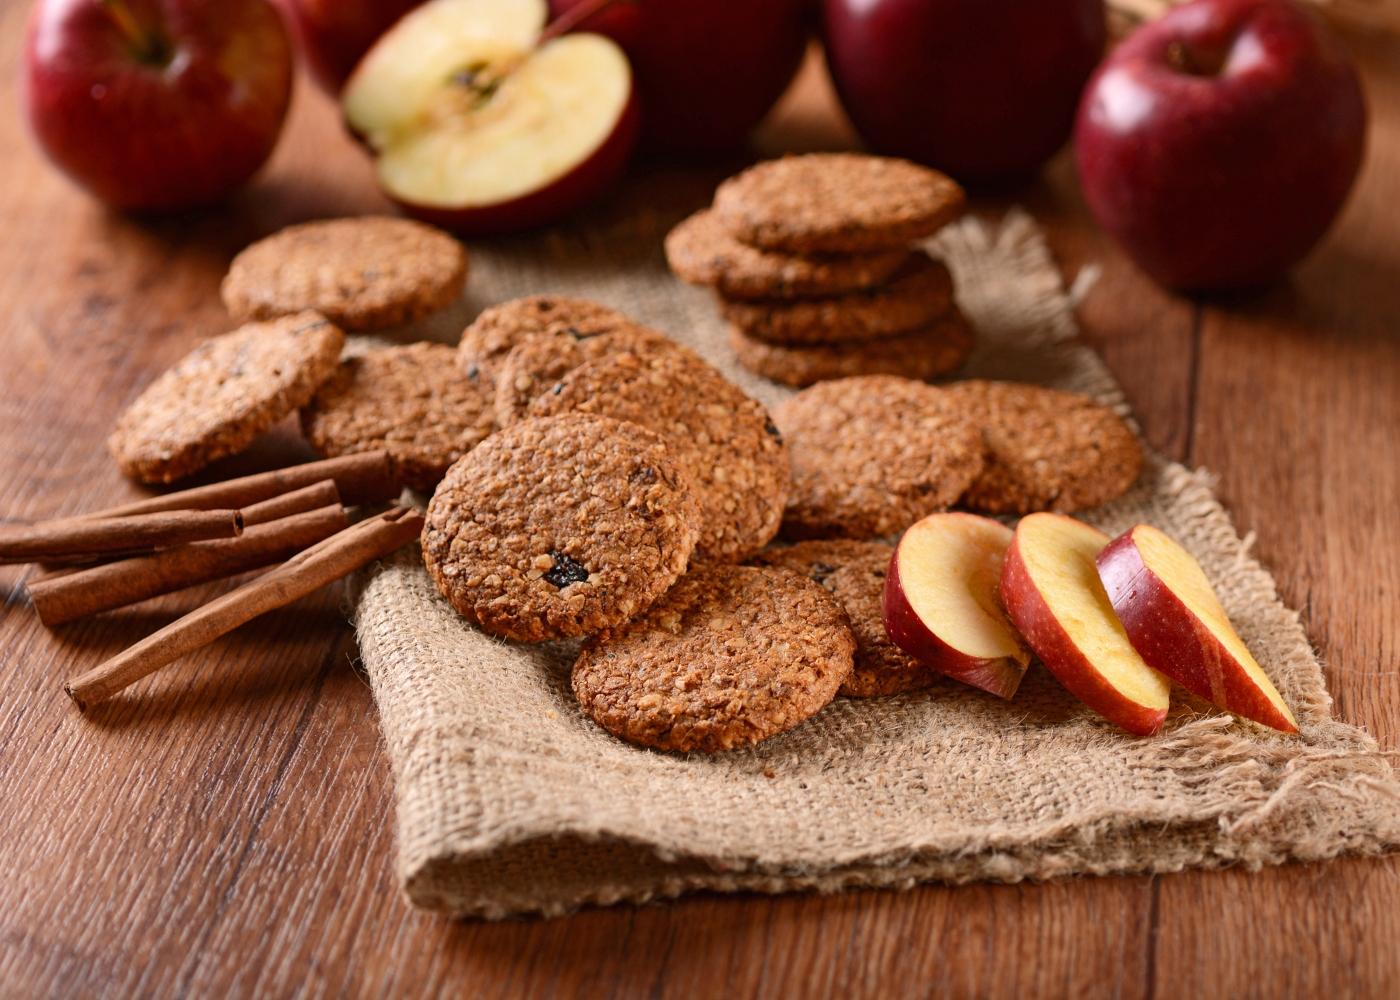 bolachas, maçãs e canela